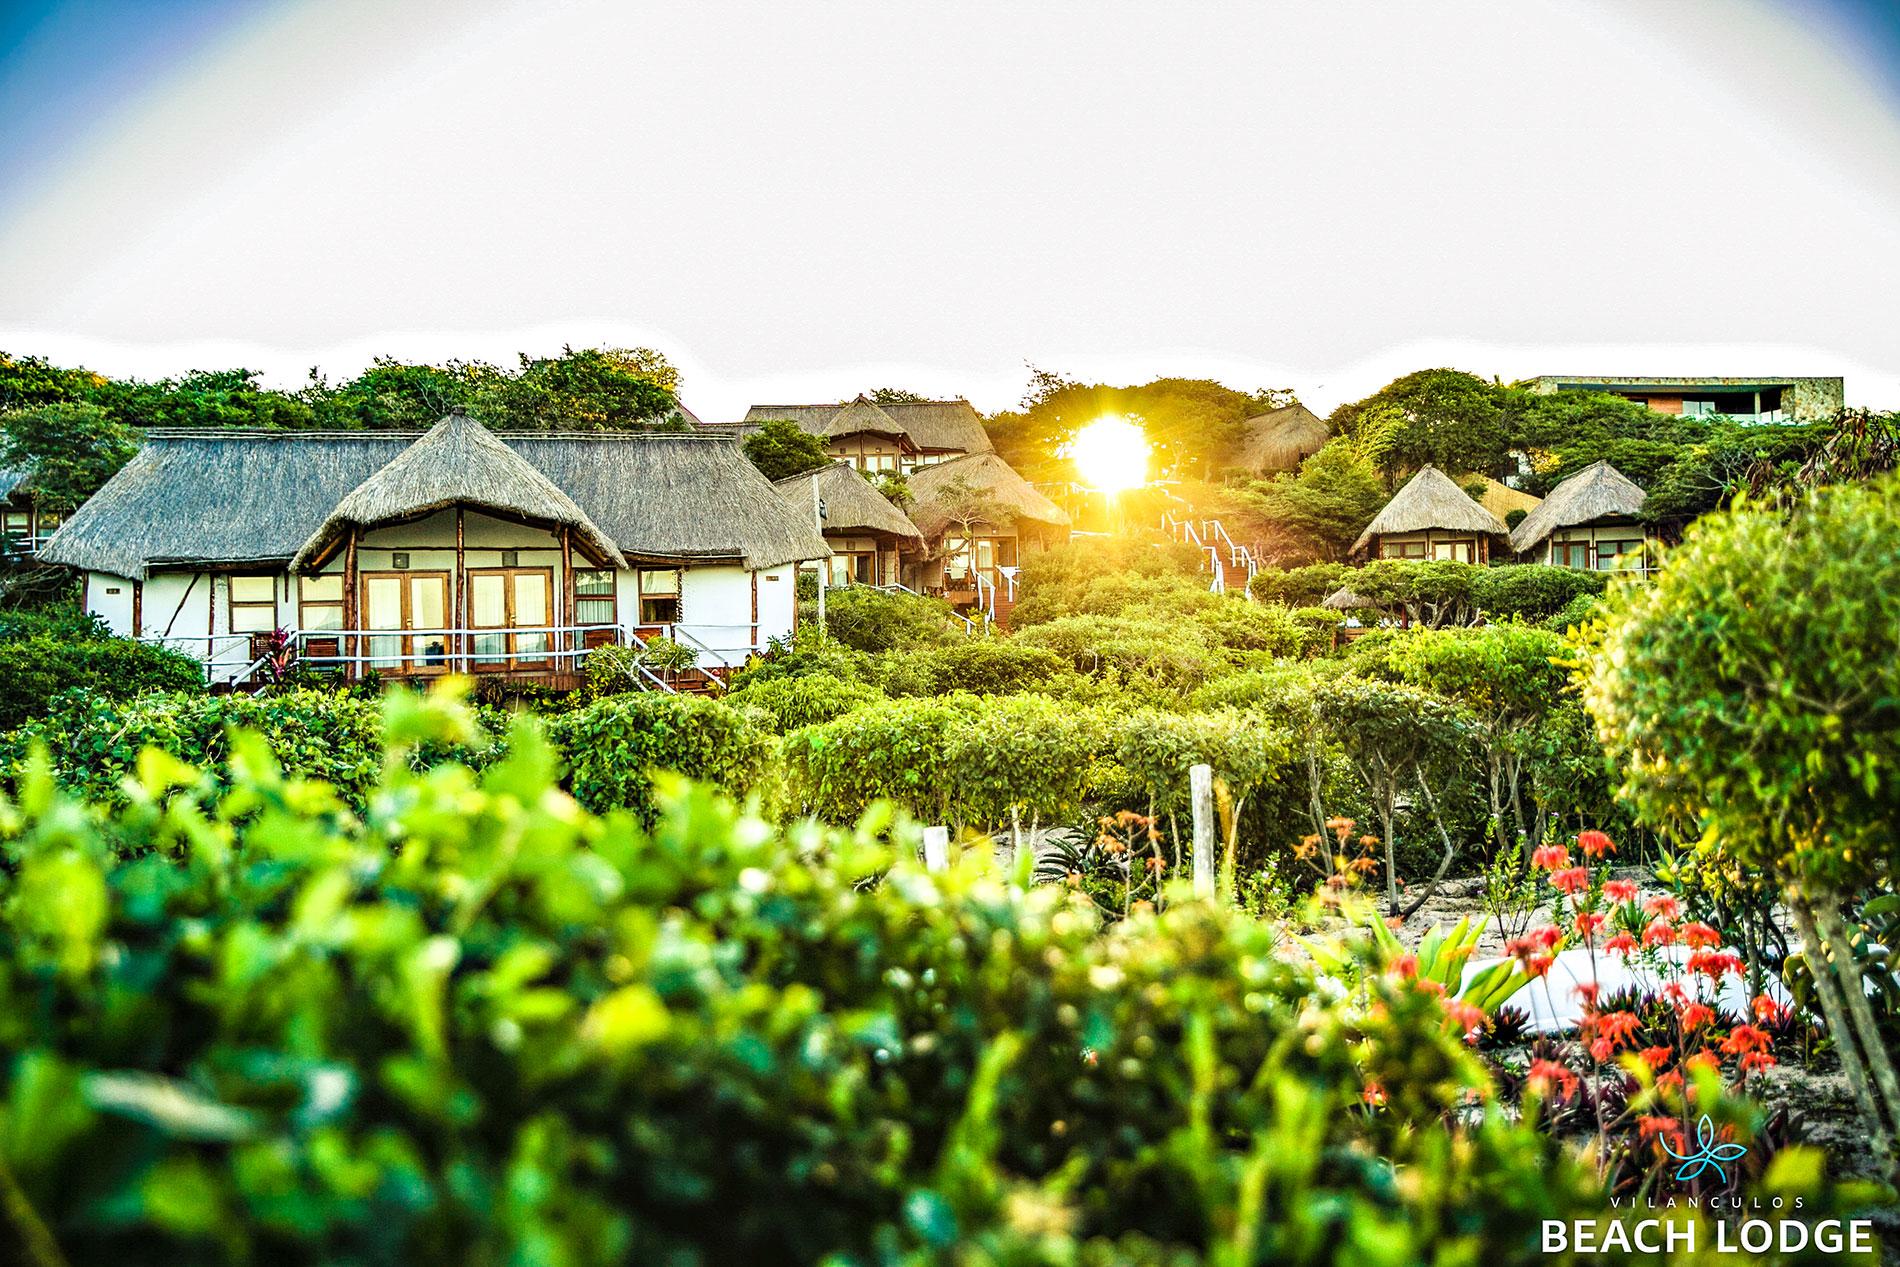 Vilanculos Beach Lodge Mozambique